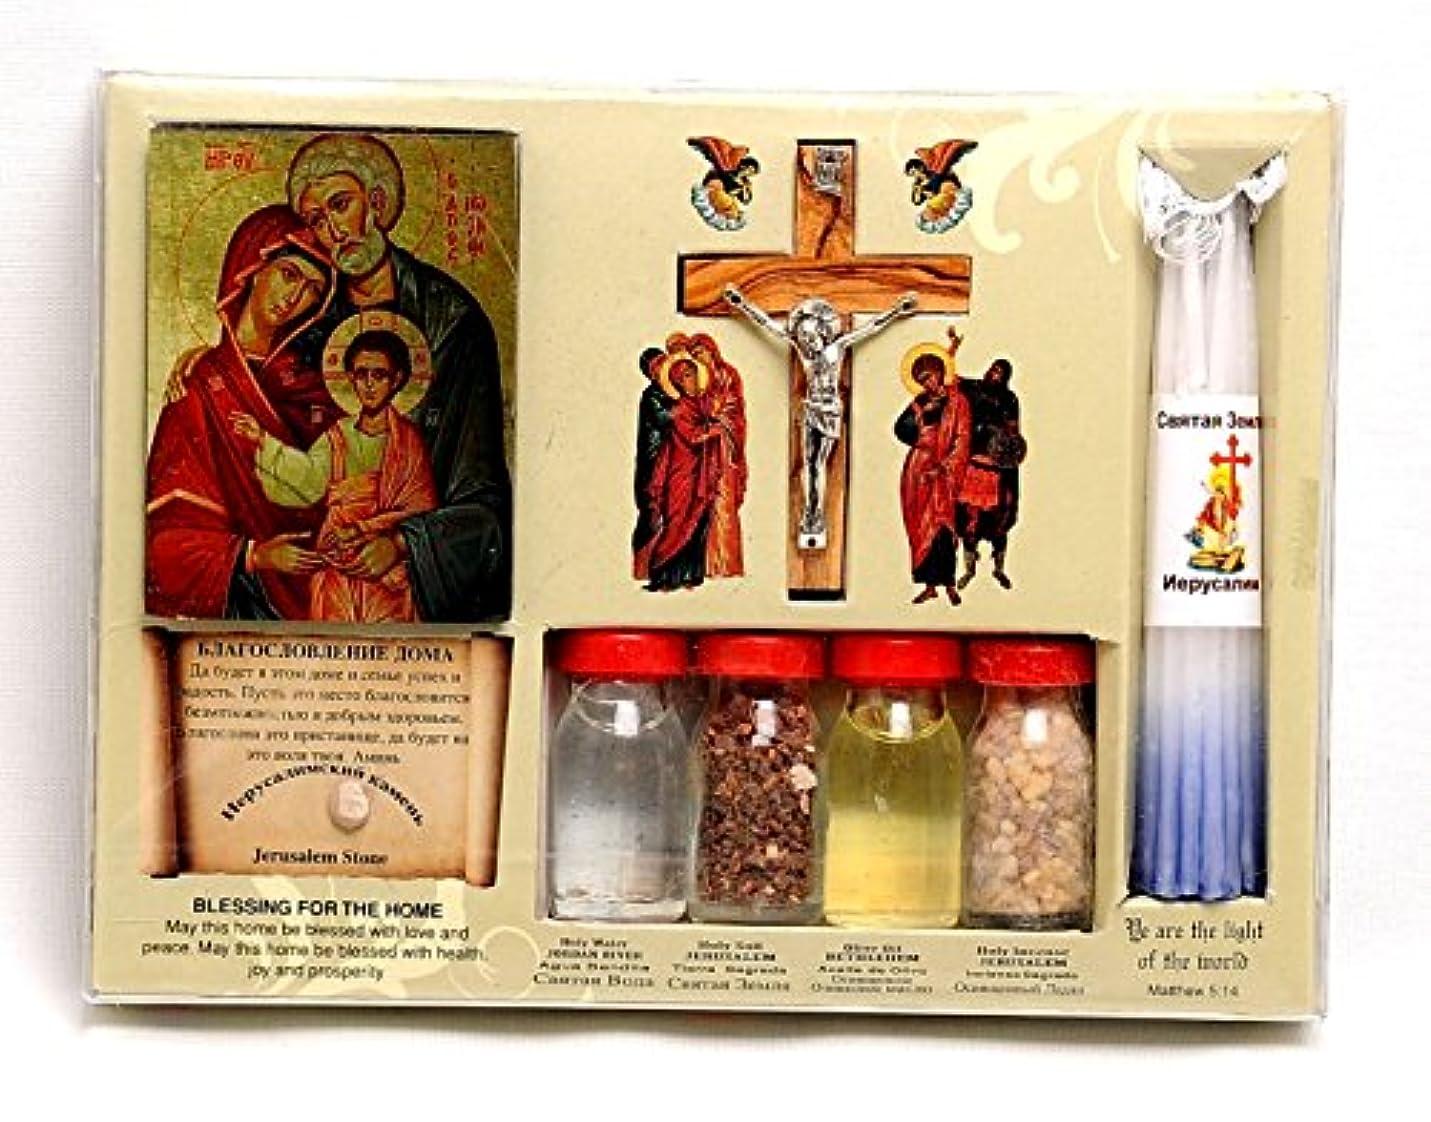 毒液単なる文房具ホーム祝福キットボトル、クロス&キャンドルから聖地エルサレム